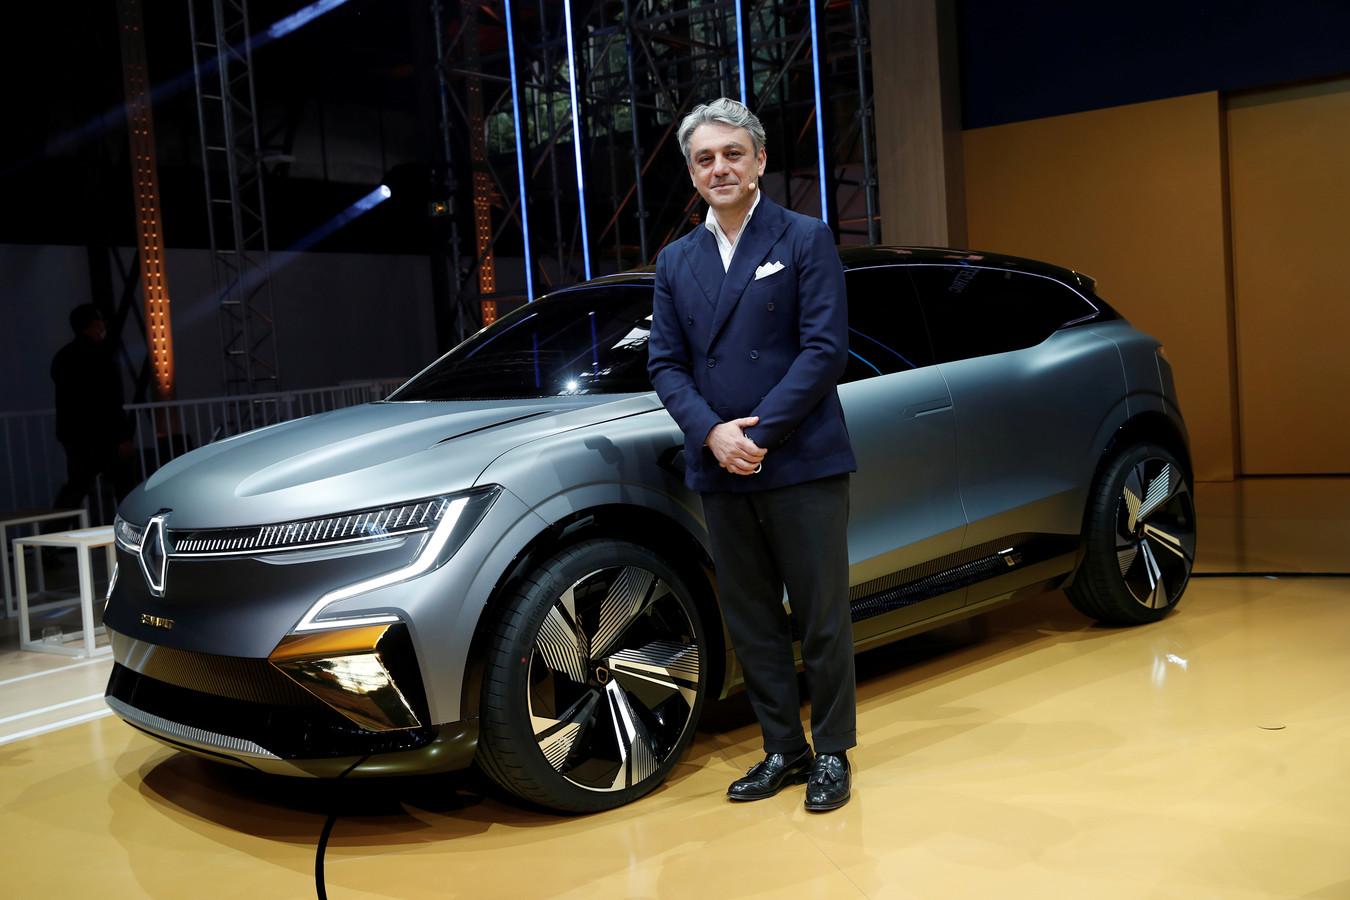 Luca de Meo, Chief Executive Officer van Groupe Renault, bij de Renault Megane eVision. Deze auto gaat later dit jaar in productie als middelgrote elektrische crossover